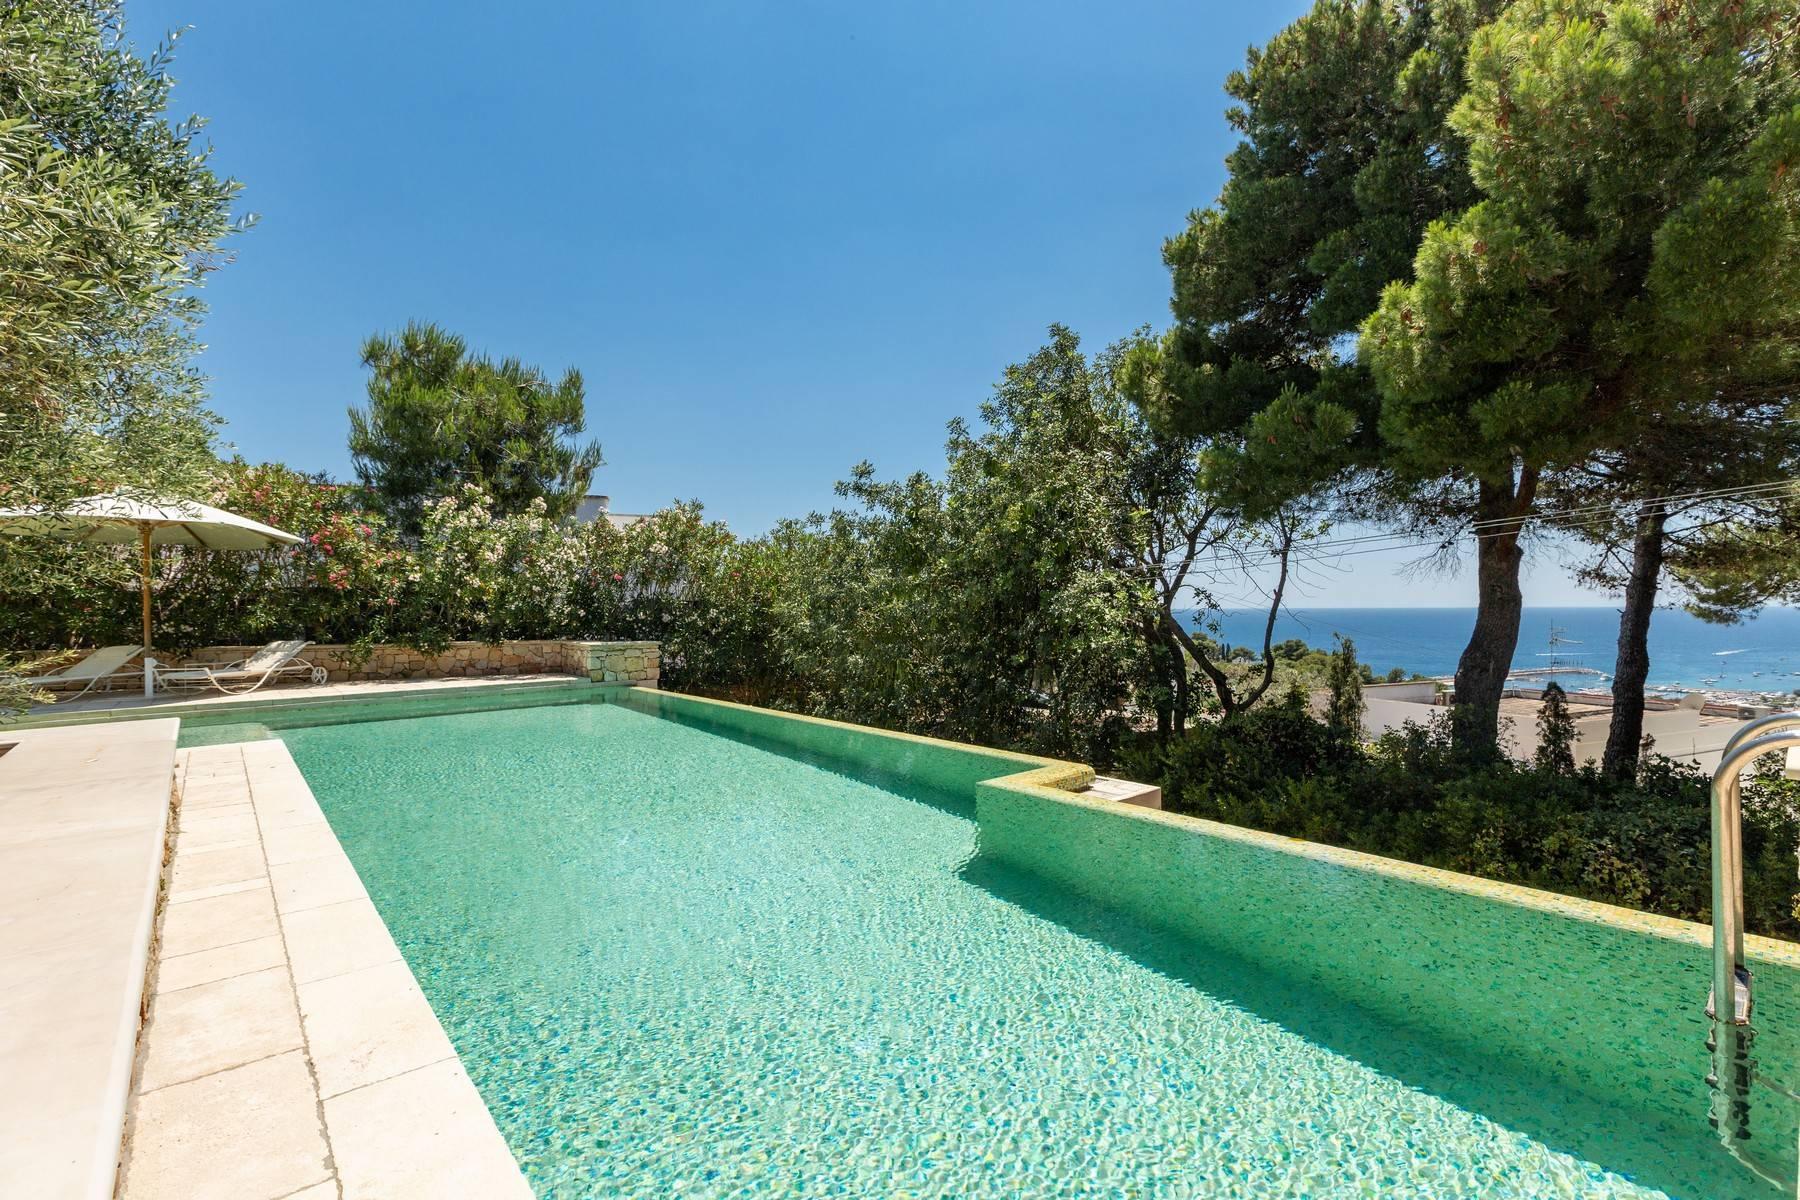 Villa in Panorama-Lage mit wunderschönem Blick auf den Meer - 2